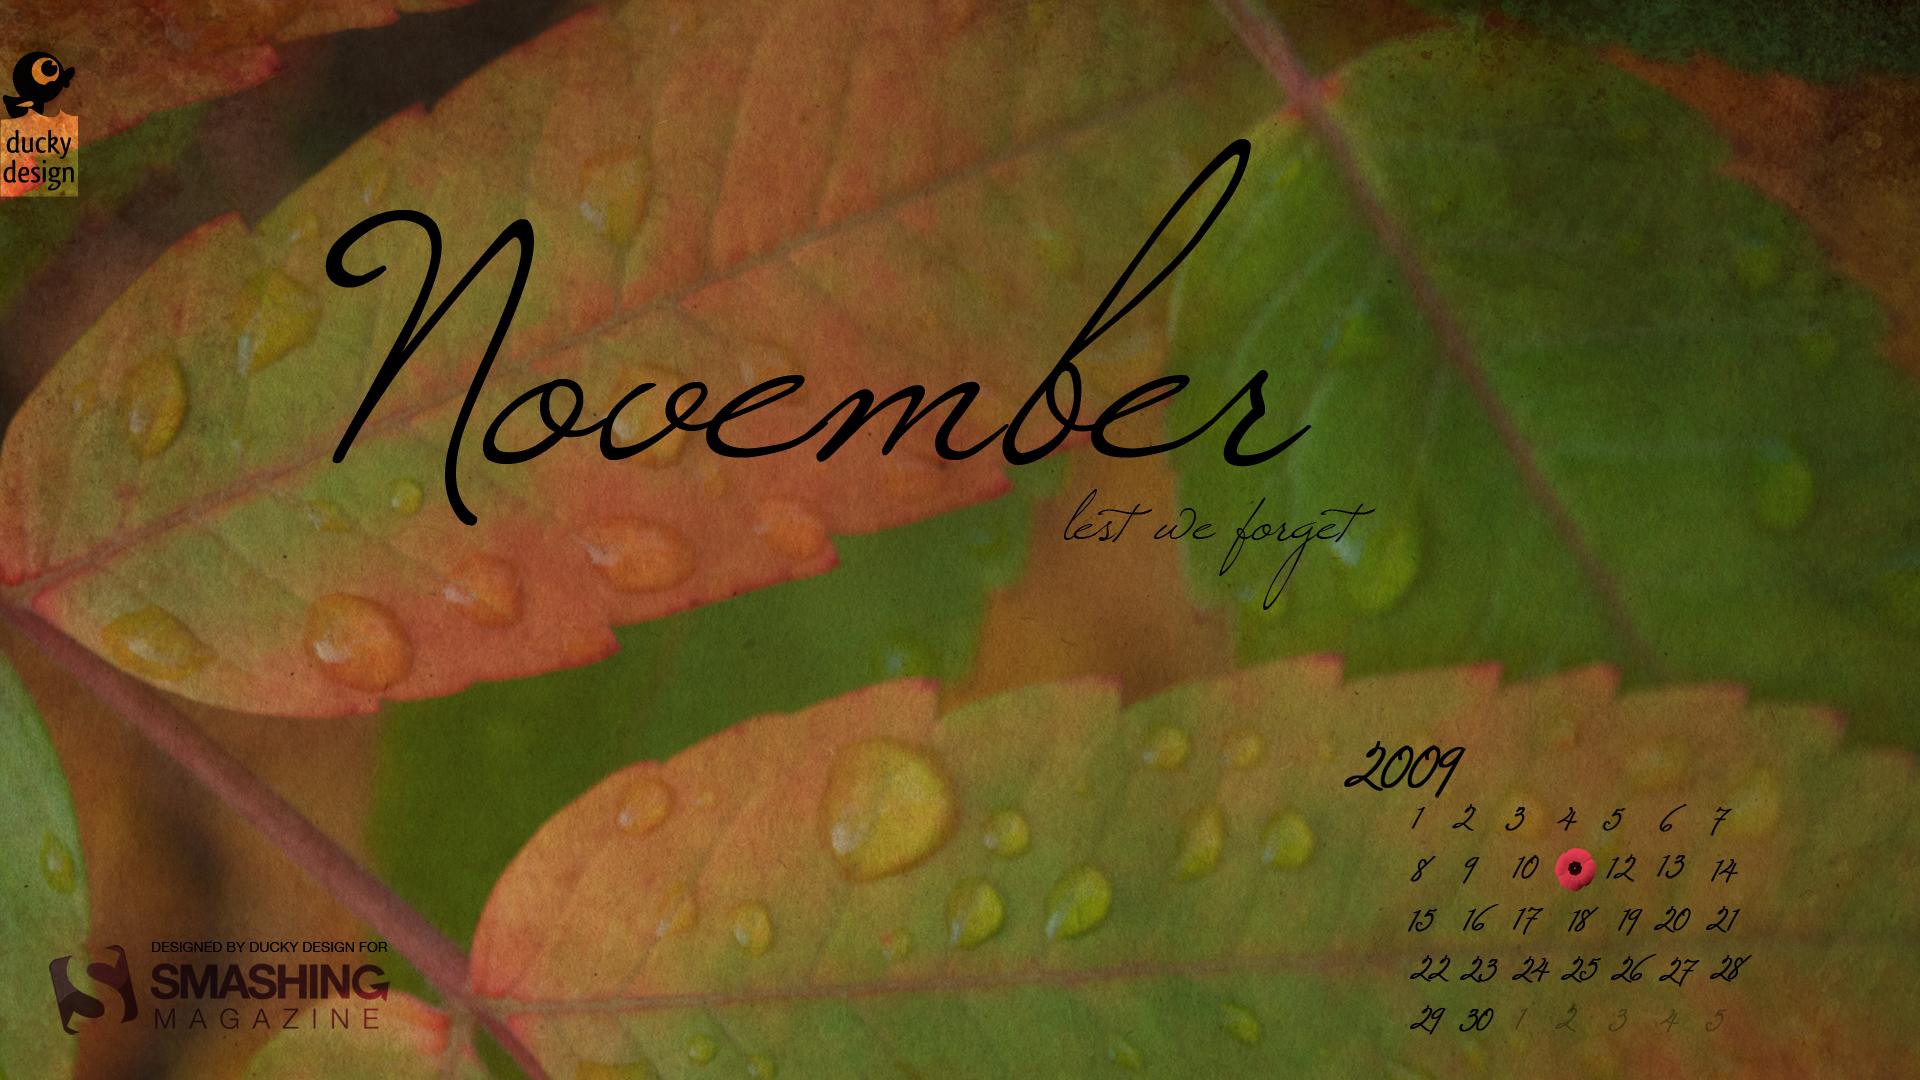 немецкой картинки с надписью ноябрь на рабочий стол смотрятся группы, которых